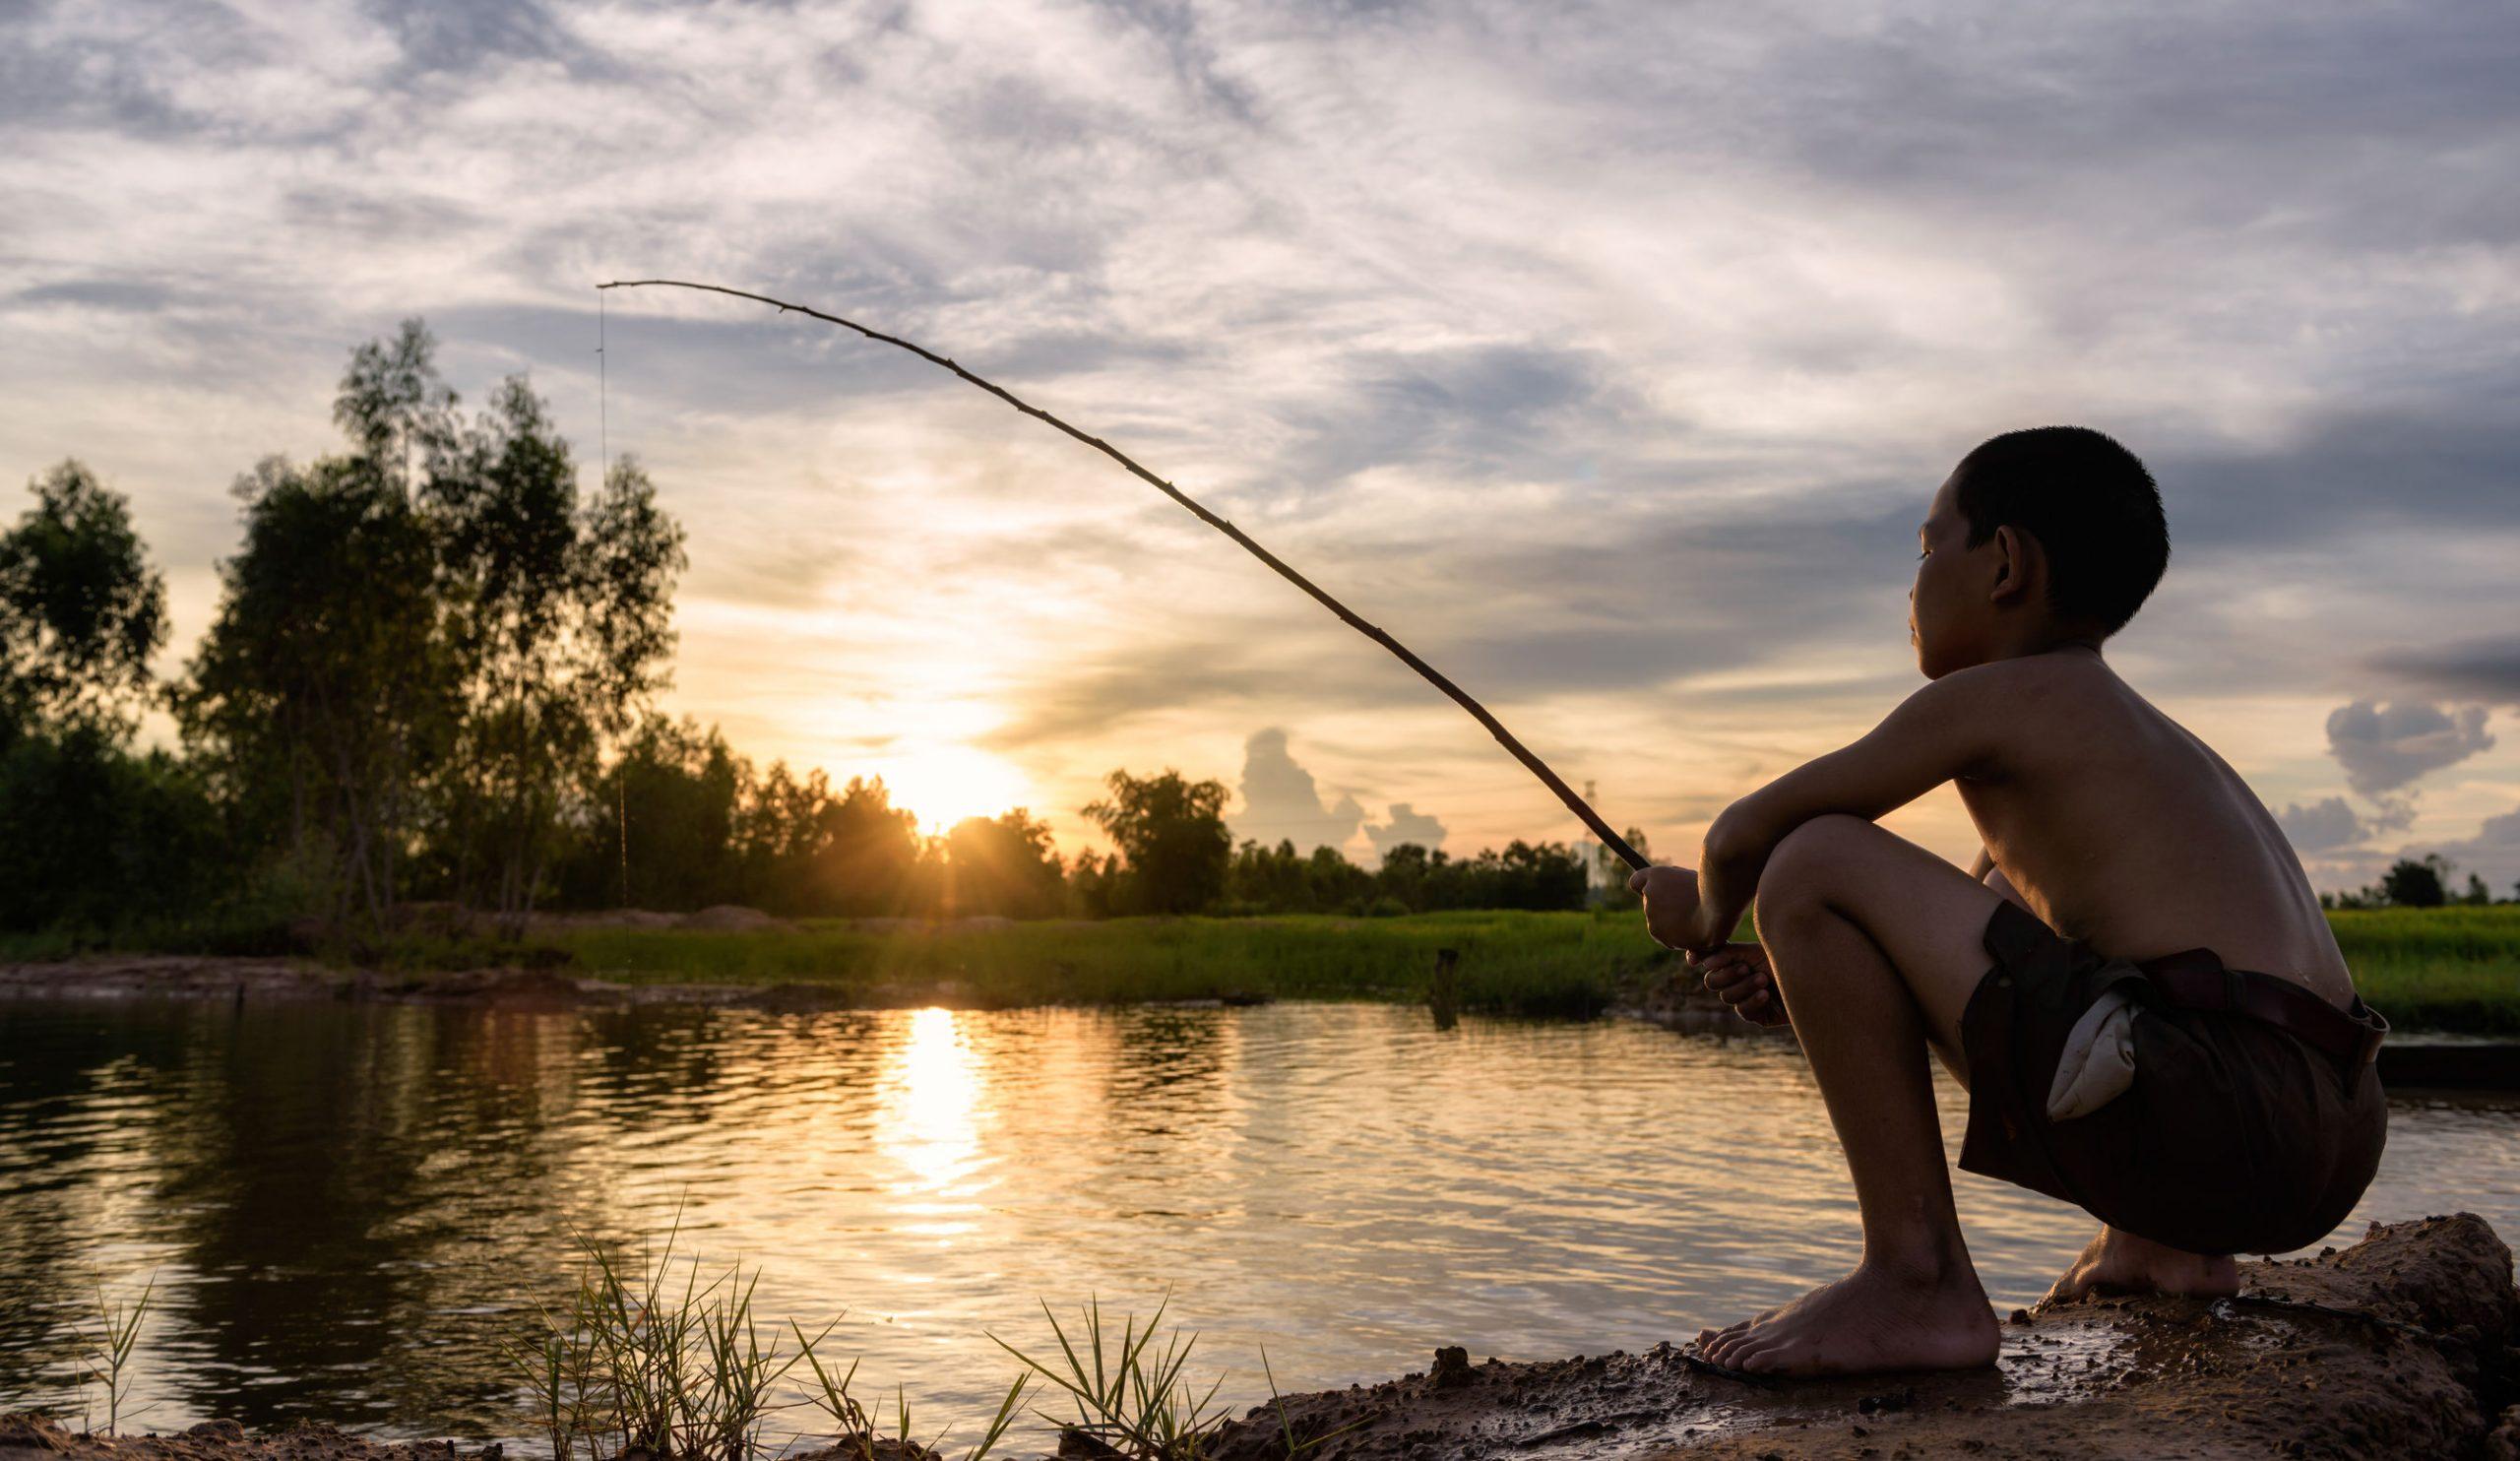 Imagem mostra um menino usando uma vara telescópica para pescar.